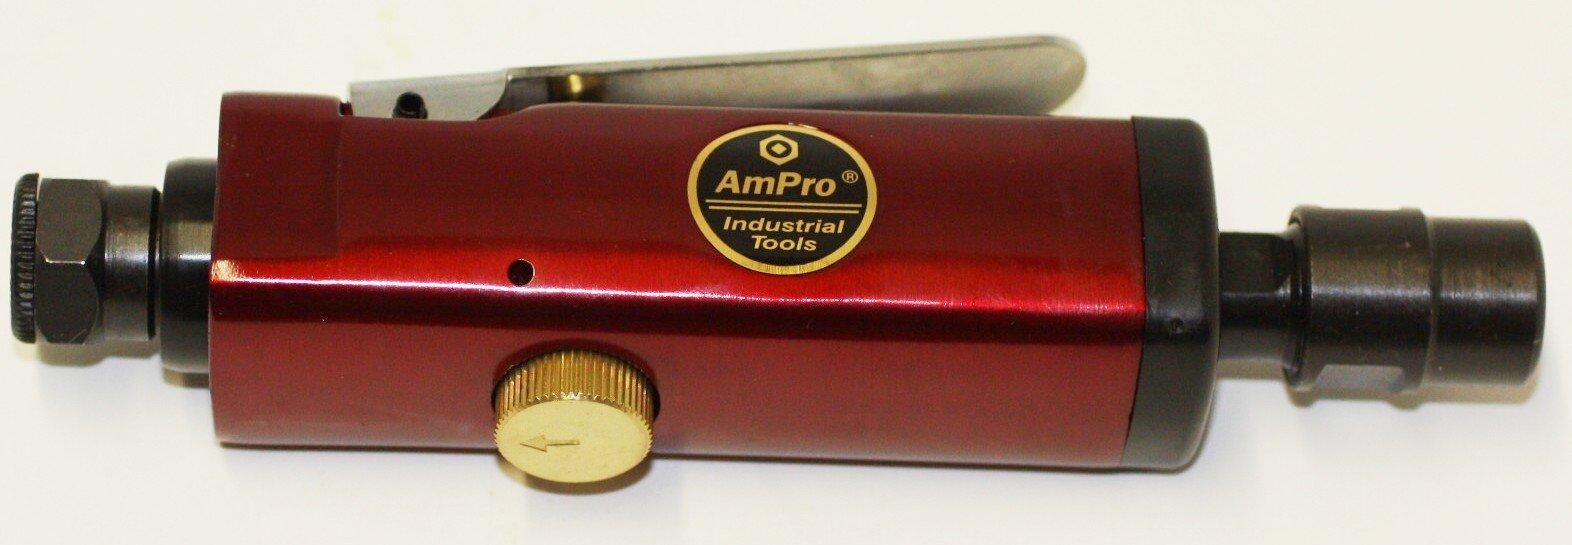 Ampro A3026 1/4-INCH Mini Die Grinder